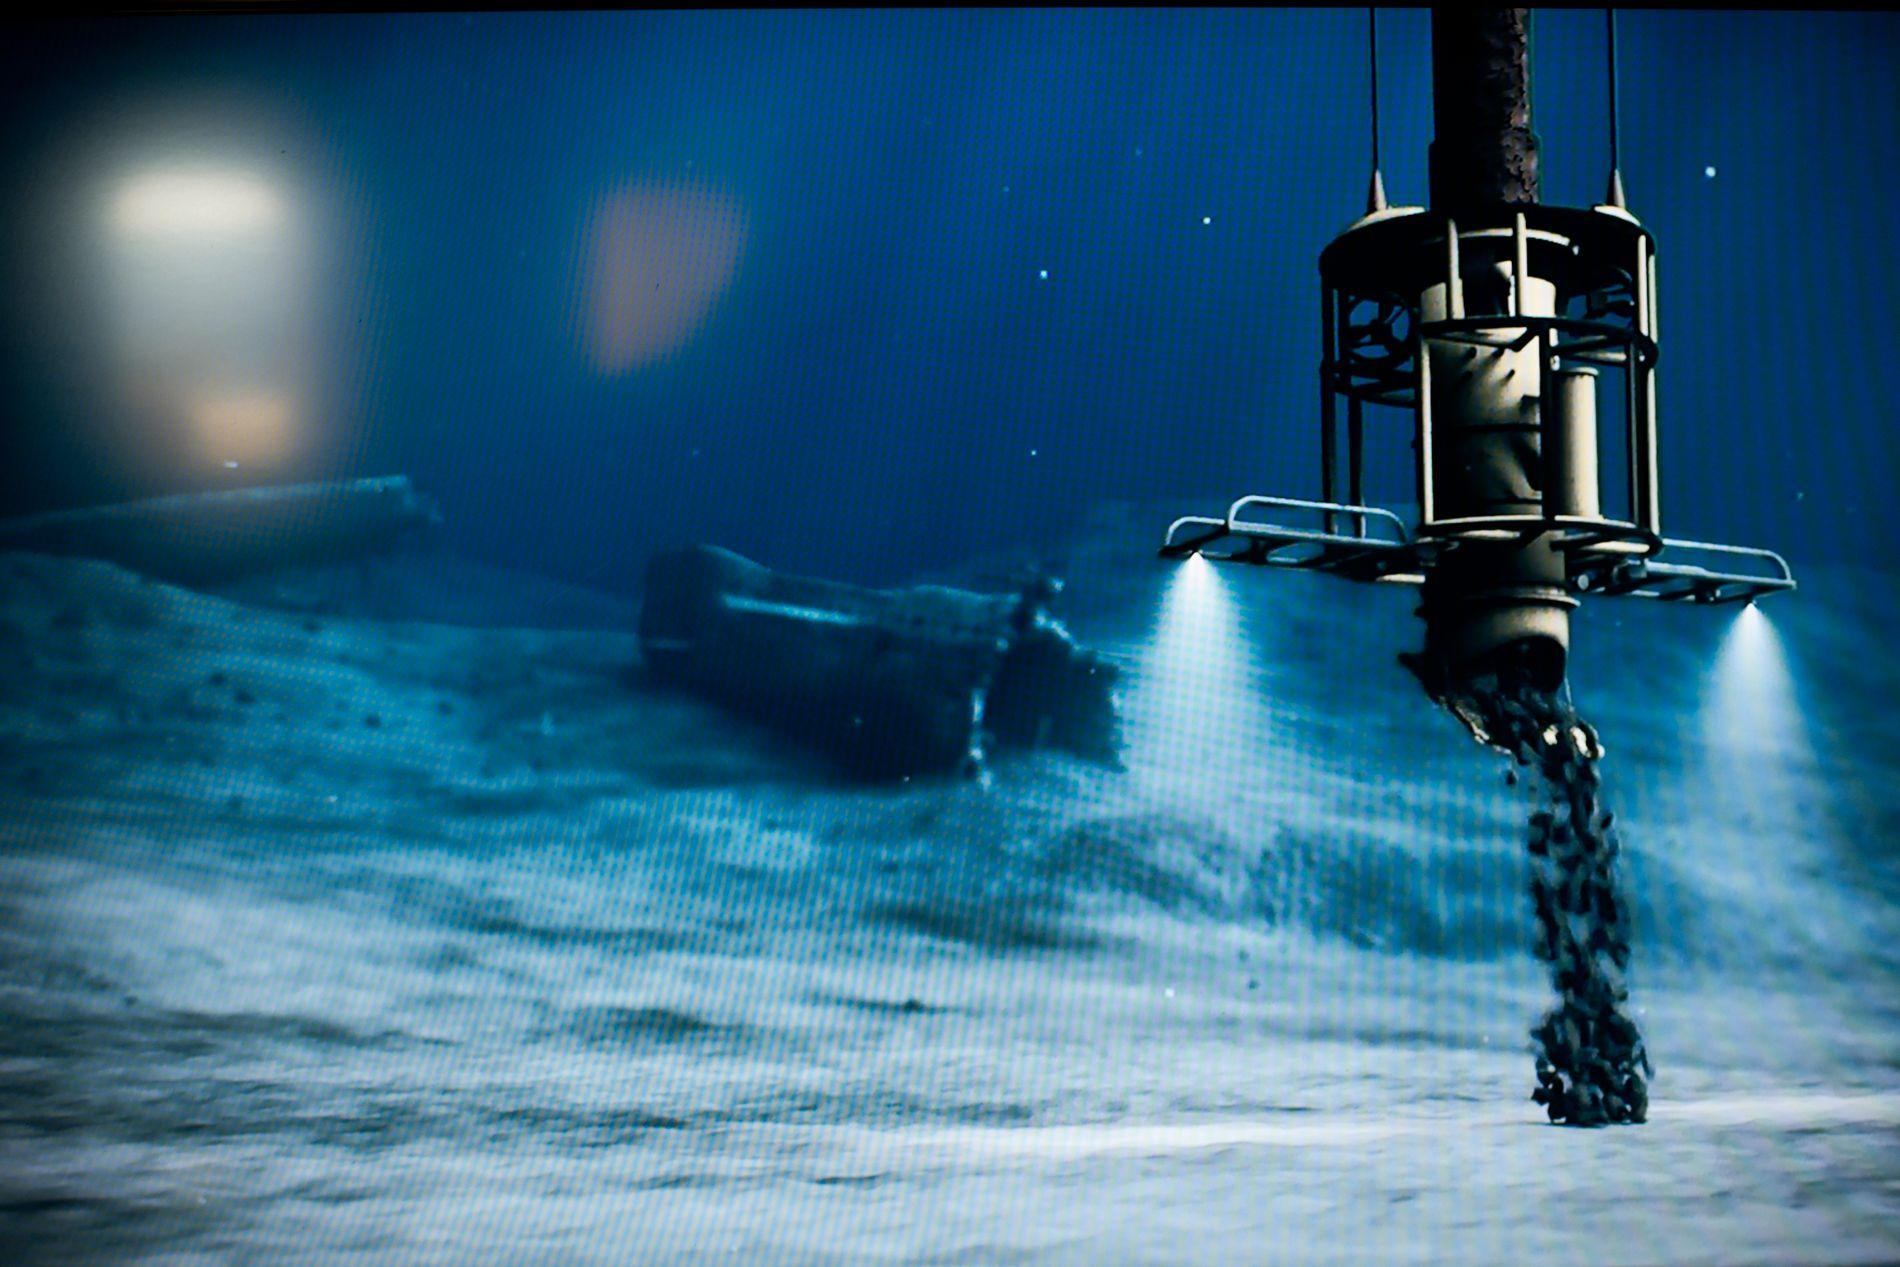 3400 ÅR: Kystverket påstår at tildekking av U-864 vil være trygt i 3400 år. Lurer jo virkelig på hvordan de har kommet frem til dette tallet, skriver innsender.  Bildet er fra arbeid som ble gjort i 2016 for at ubåten skal ligge støtt på havbunnen.